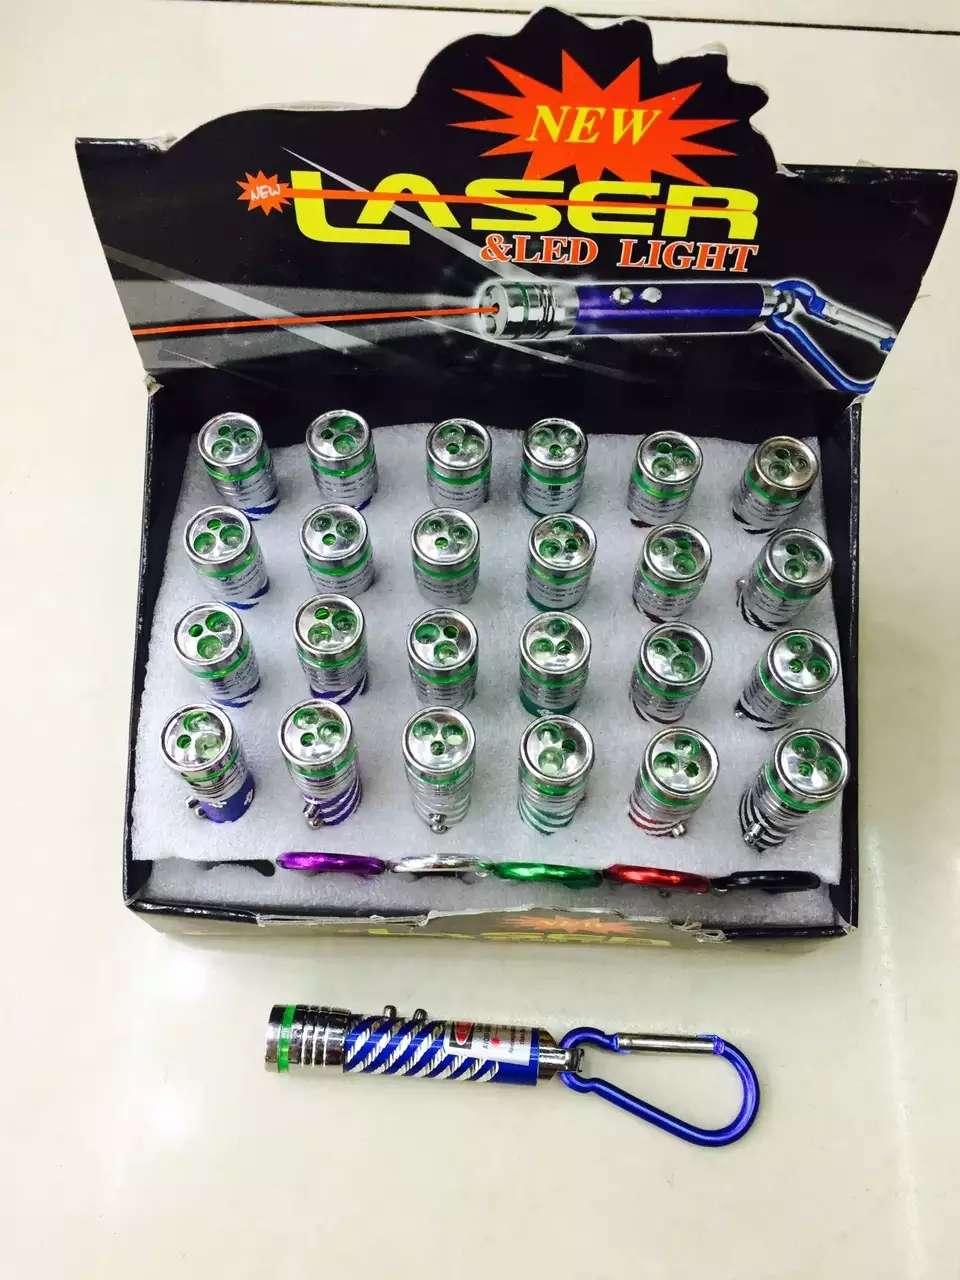 三合一快闪激光灯,足球激光灯,吸卡,挂卡,盒装,都有